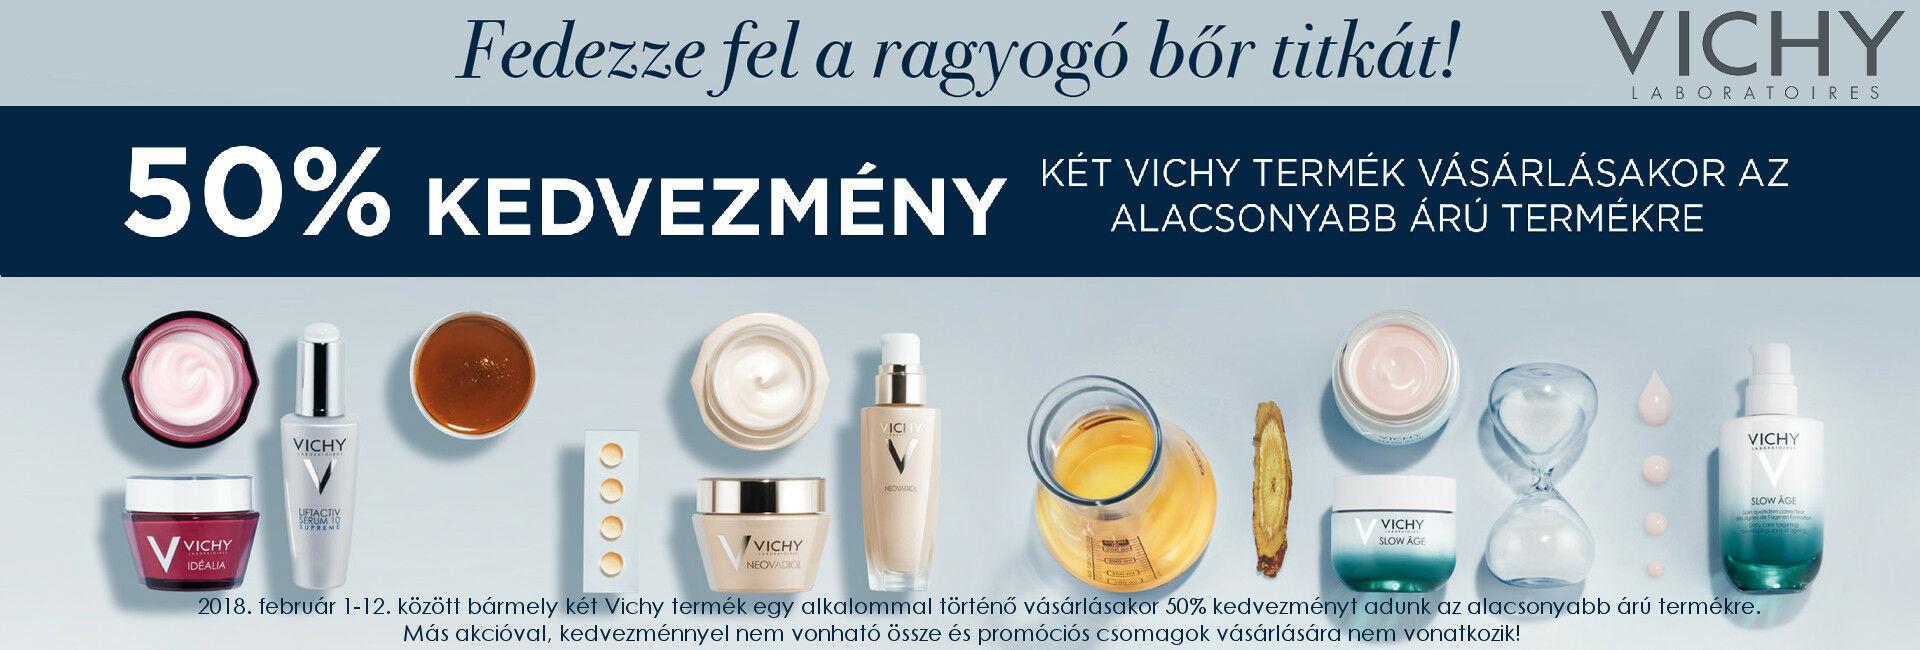 2018. február 12-ig a 2.Vichy terméket 50% kedvezménnyel kínáljuk!